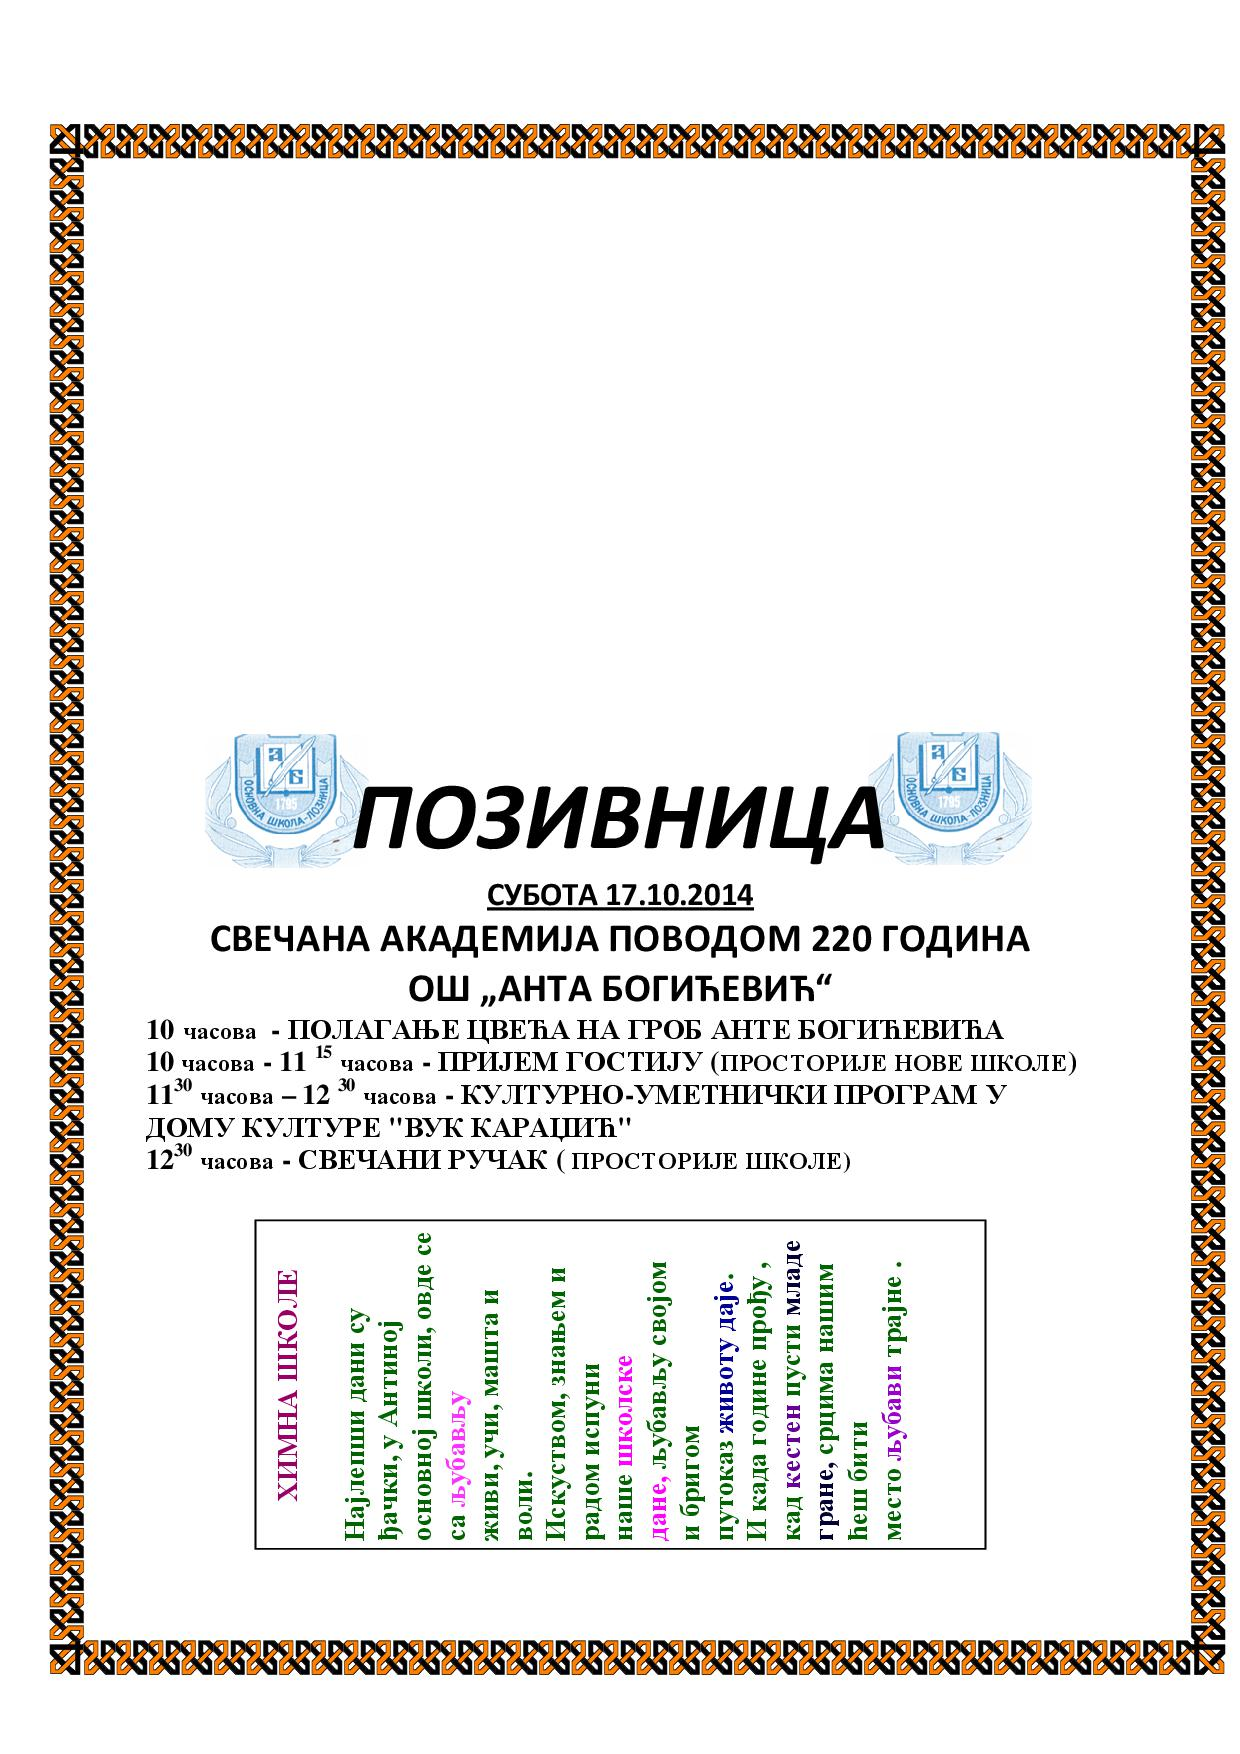 ПОЗИВНИЦА2015